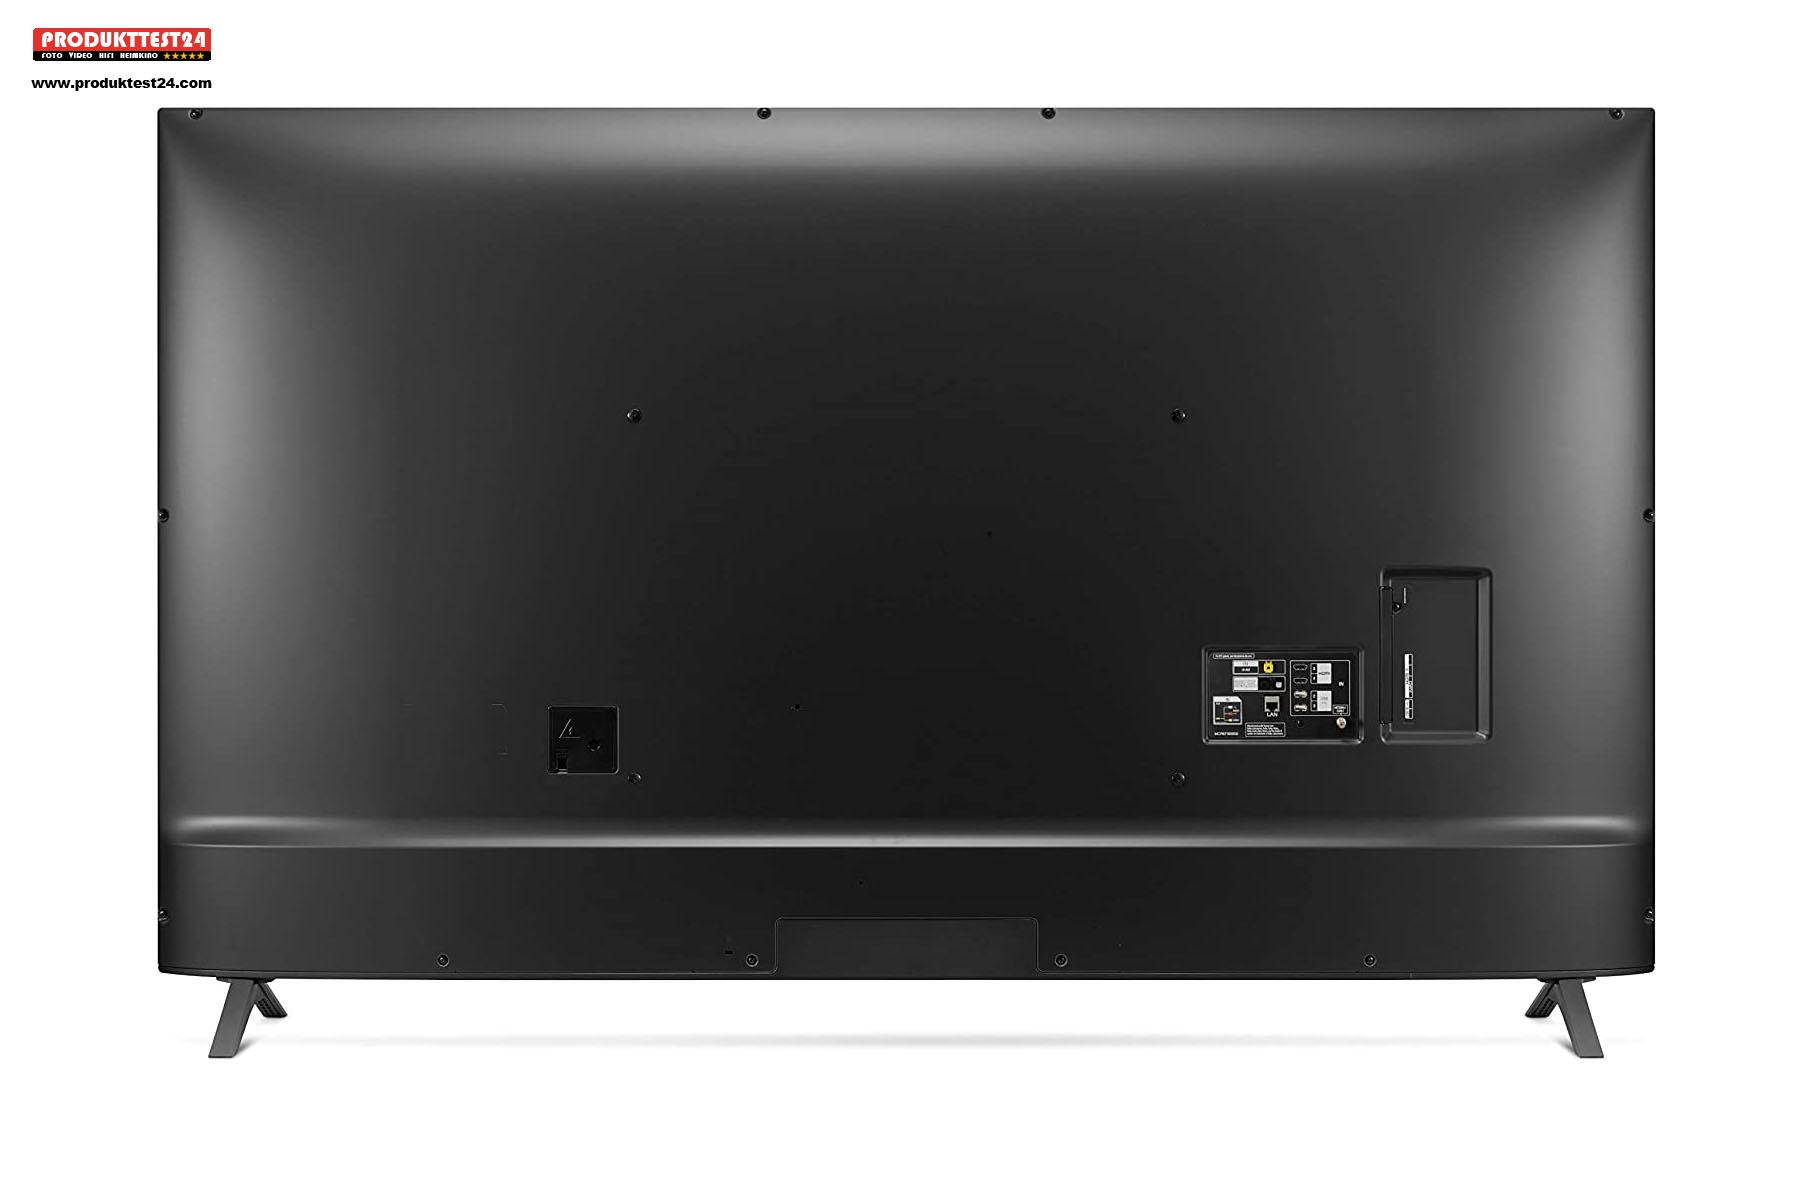 Viele Anschlüsse. 2x HDMI 2.1 - 2x HDMI 2.0 - 3x USB - 1x Optisch und 1x Analog